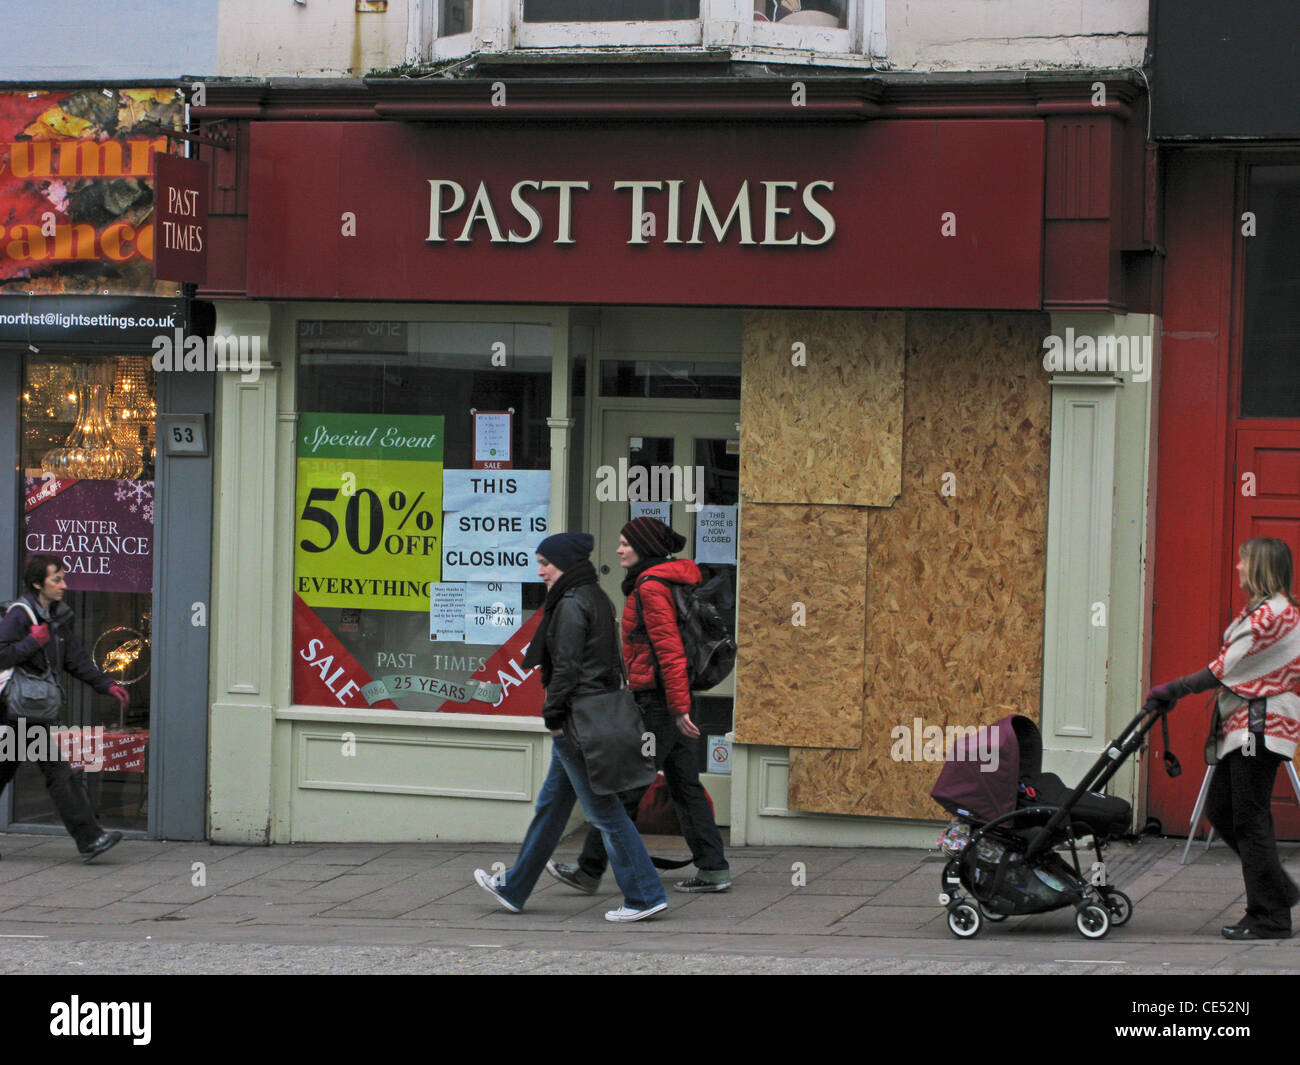 Tempi passati shop intavolato & chiuso a causa di andare in amministrazione Immagini Stock